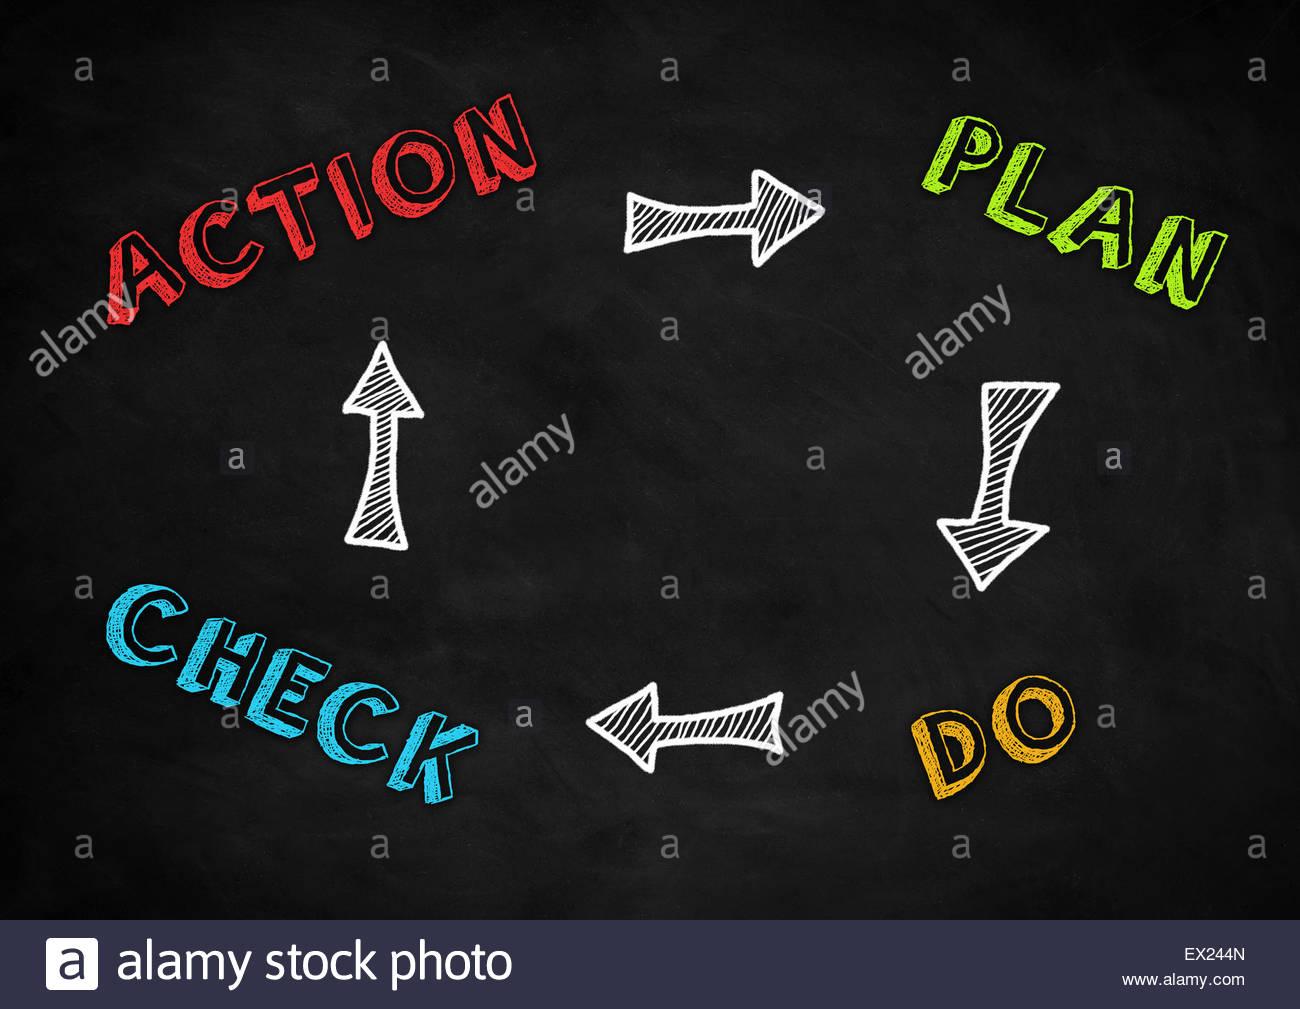 action plan do check circle concept - Stock Image